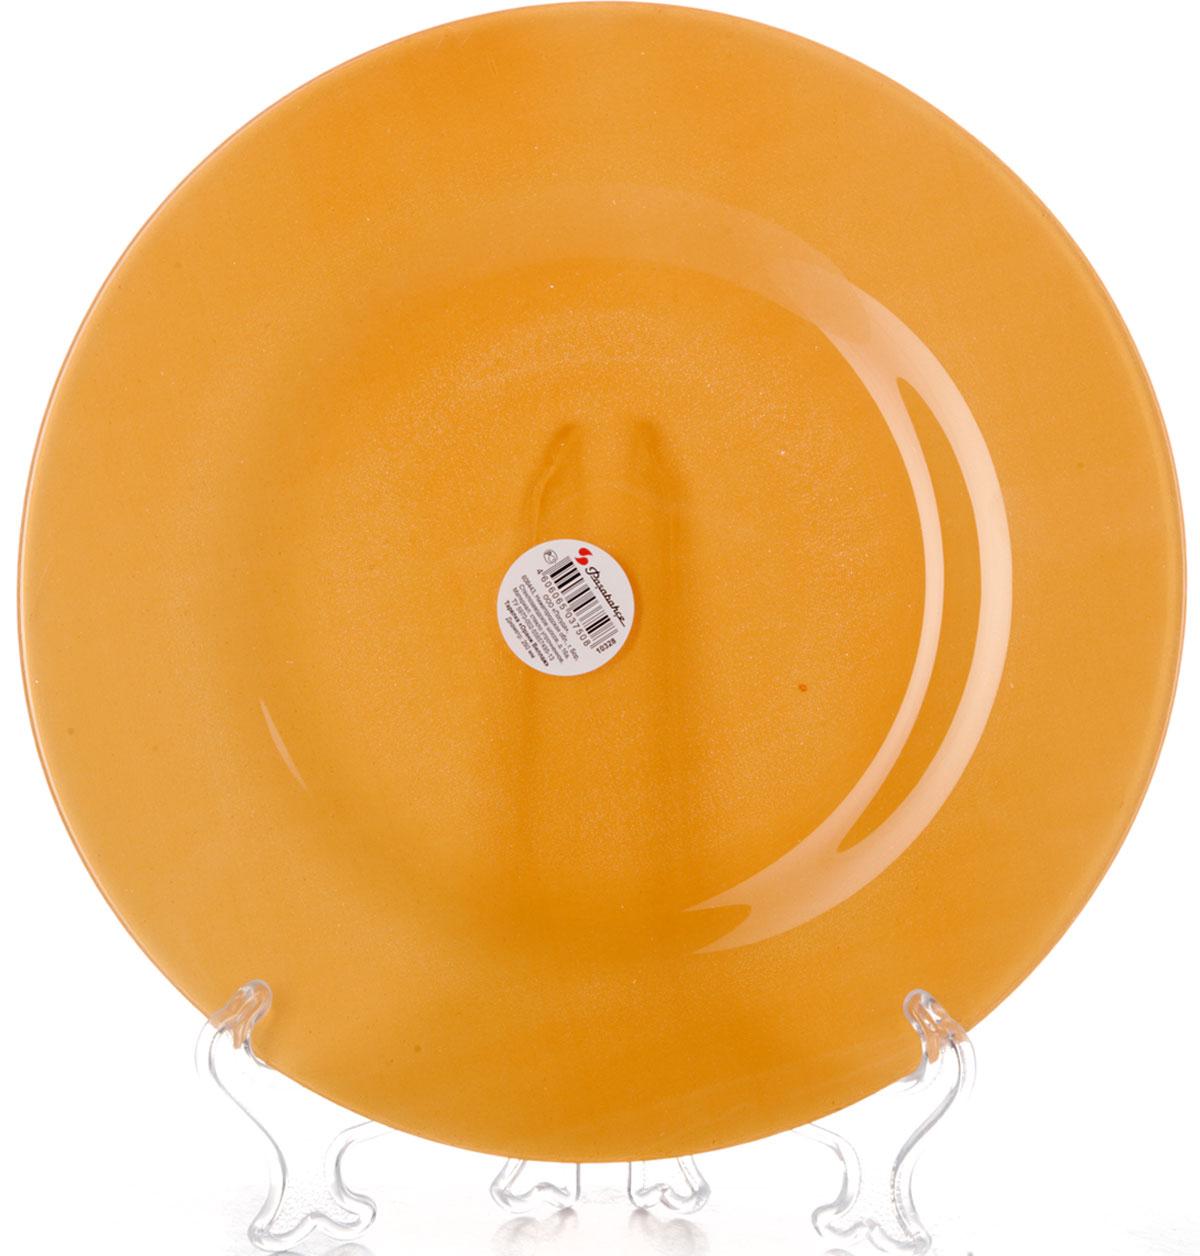 Тарелка плоская Pasabahce Оранж Виллаж, цвет: оранжевый, диаметр 26 см10328SLBD15Плоская тарелка Pasabahce Оранж Виллаж выполнена из качественногостекла оранжевого цвета. Она прекрасно подойдет в качестве сервировочного блюда для фруктов, десертов, закусок и другого.Изящная тарелка прекрасно оформит праздничный стол и порадует вас и ваших гостей изысканным дизайном и формой. Диаметр тарелки: 26 см.Высота: 2 см.